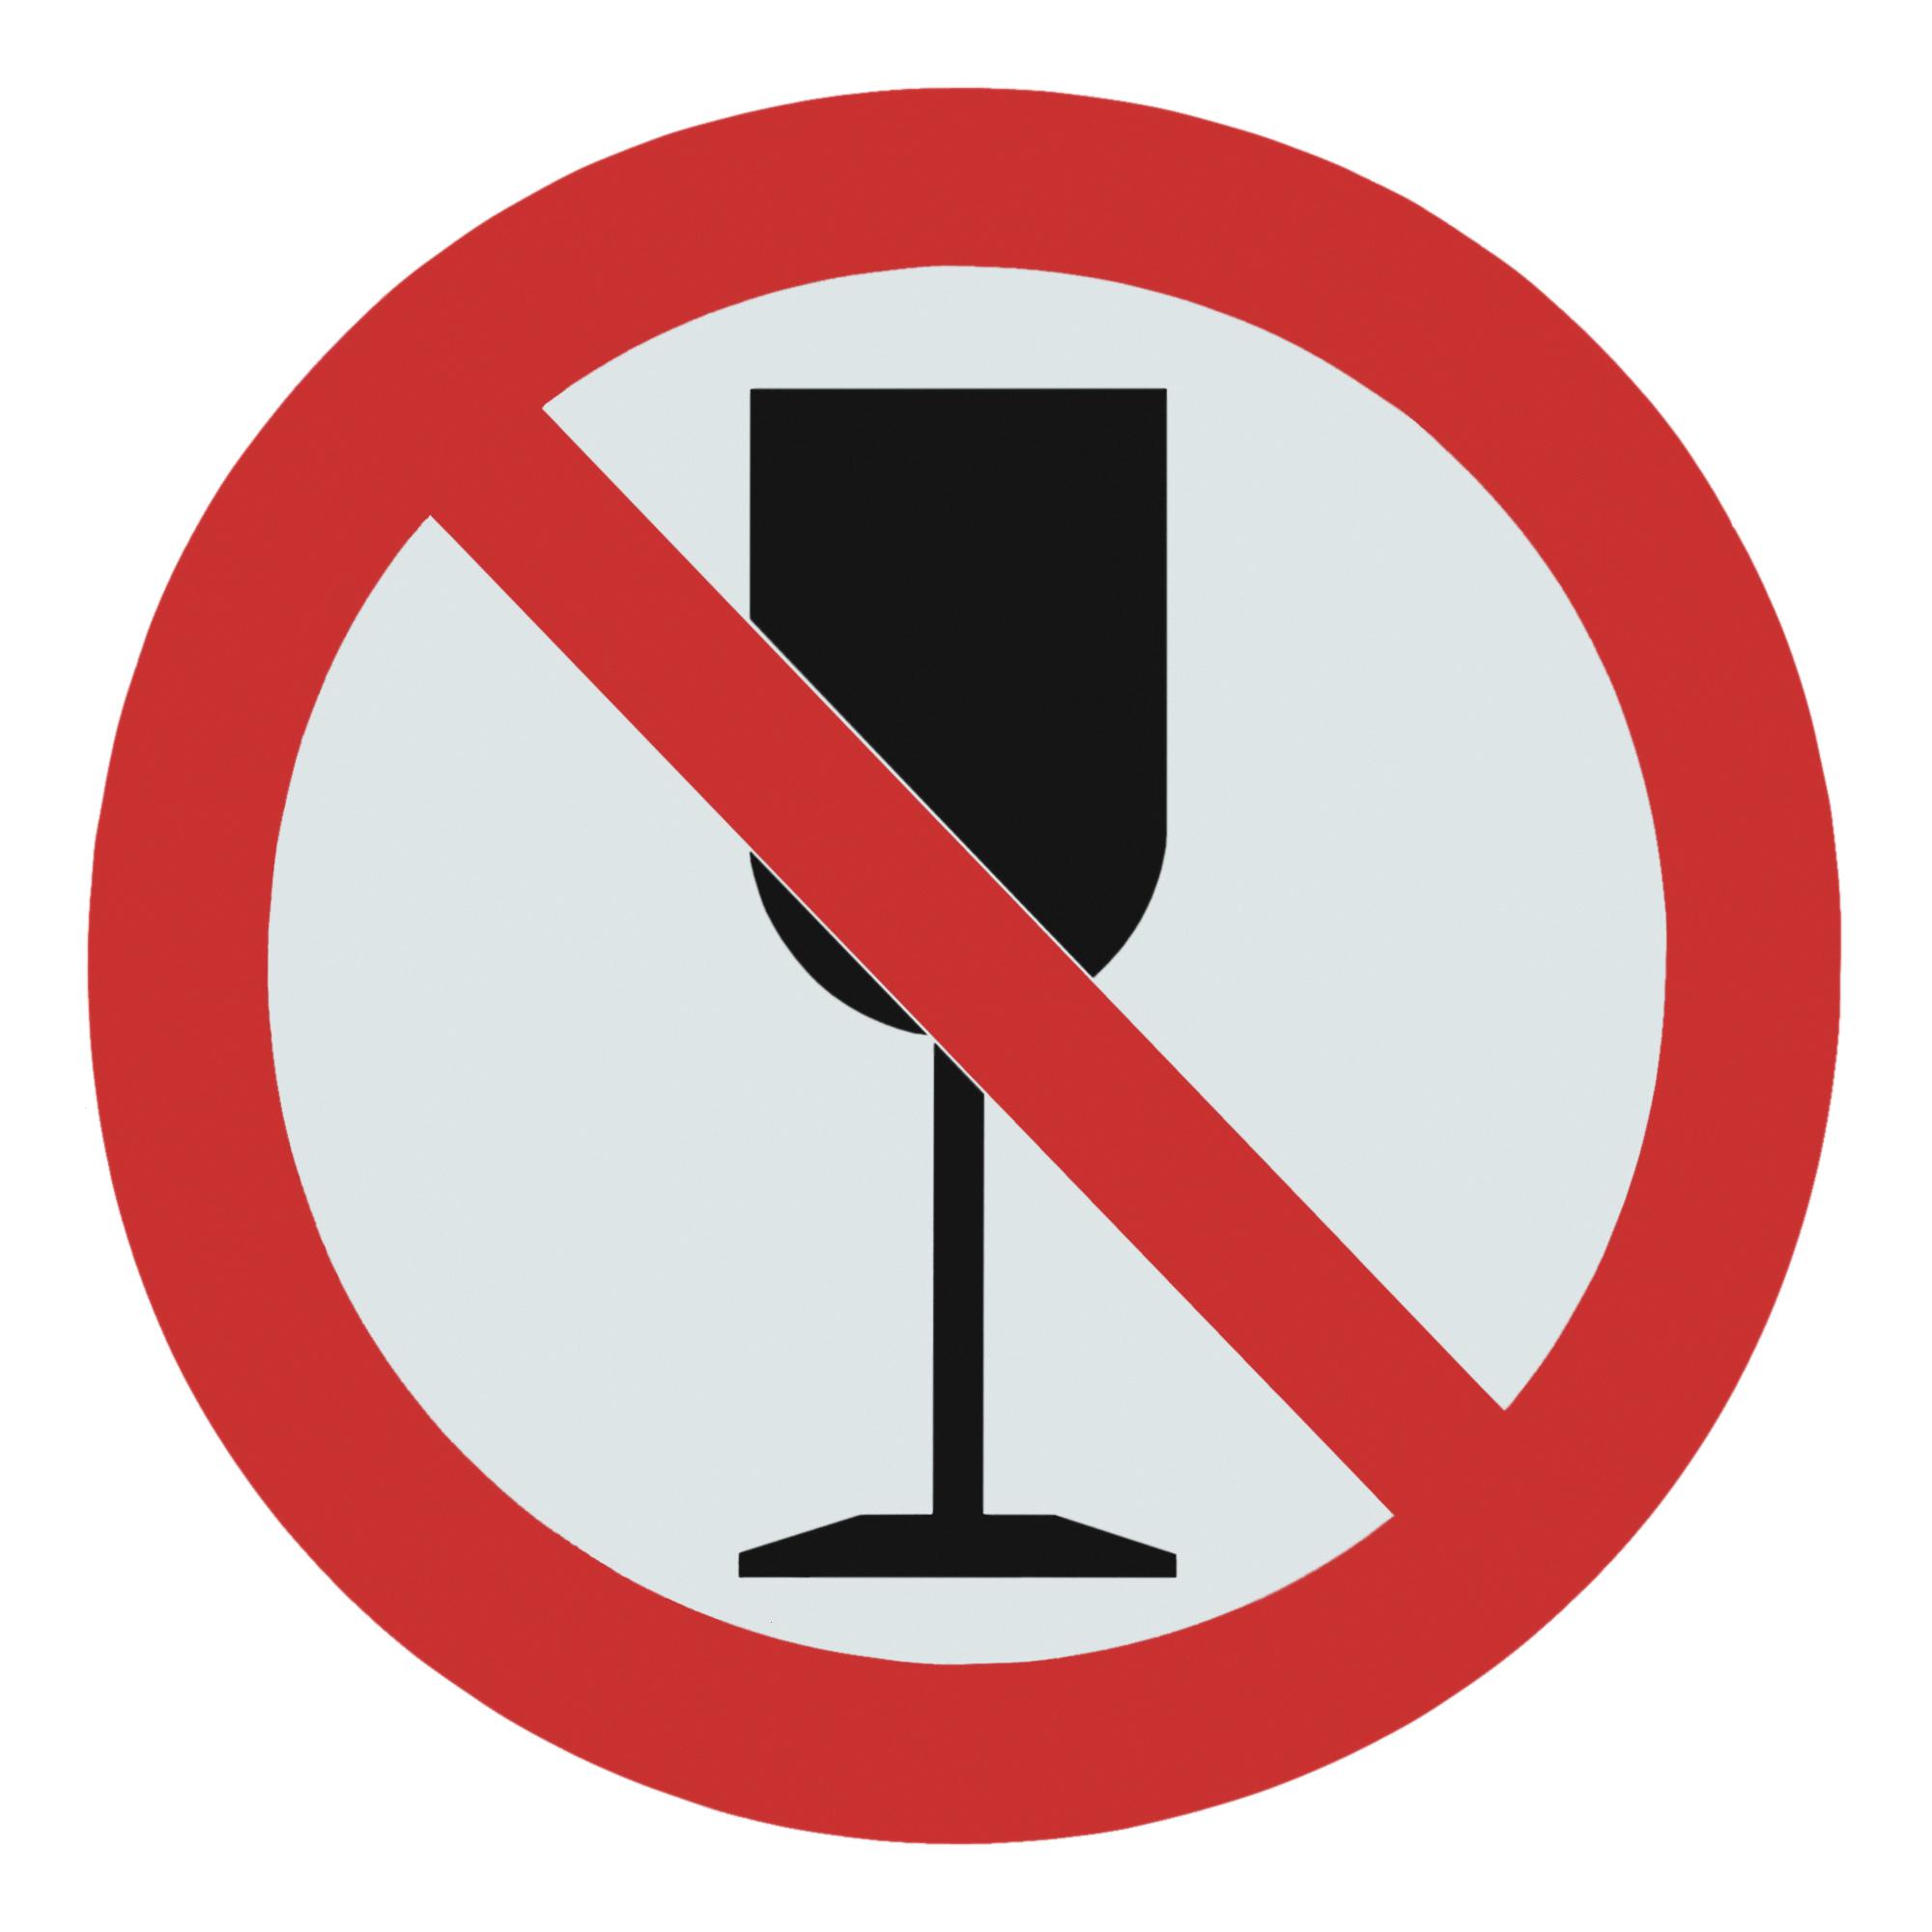 Анкета самооценки уровня потребления алкоголя